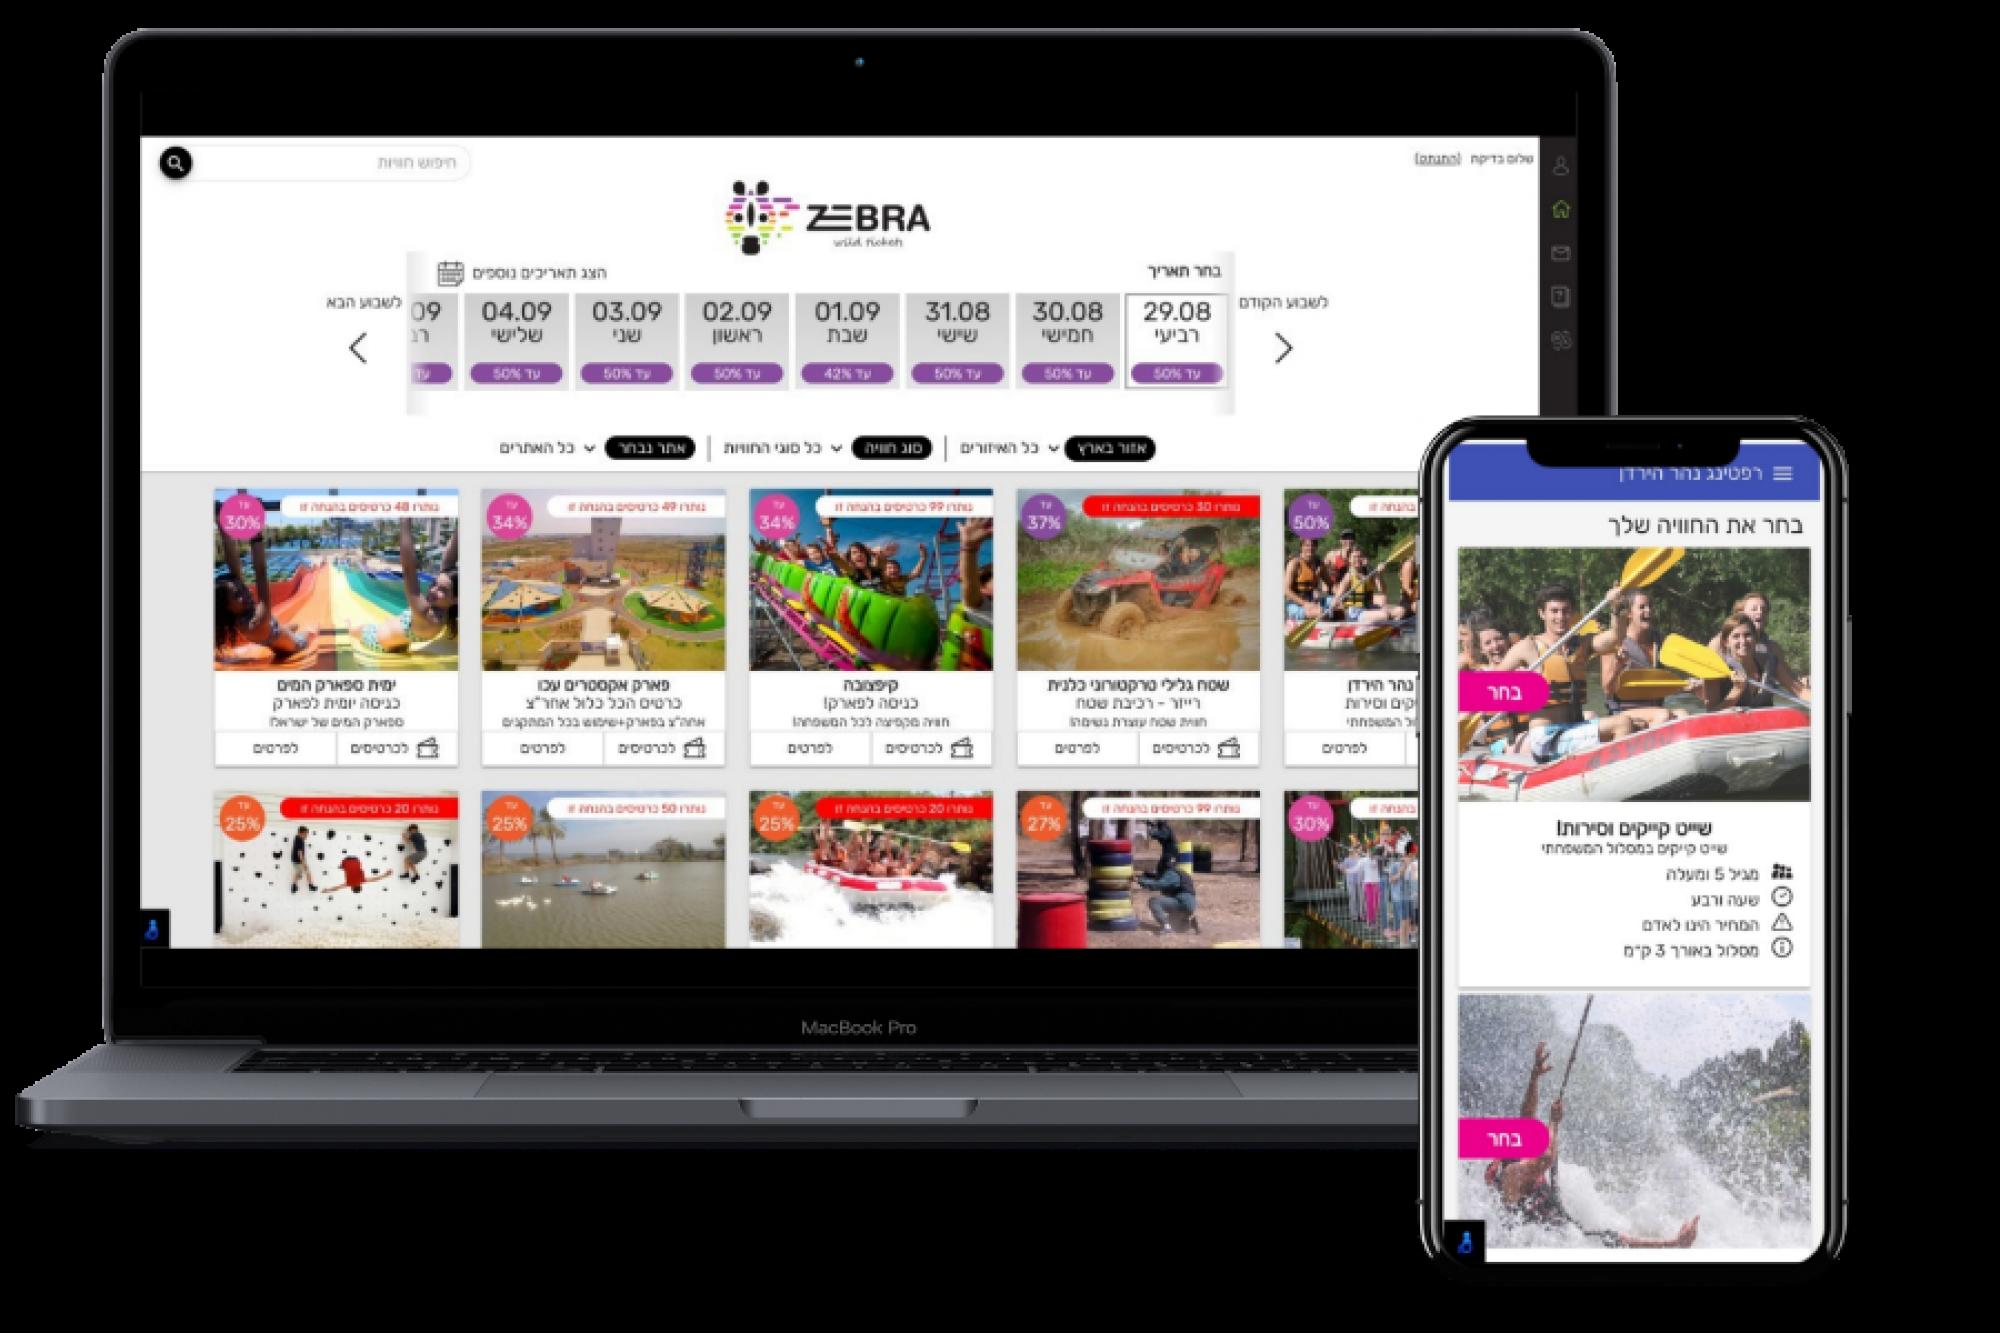 זברה - מערכת ניהול מכירת כרטיסים